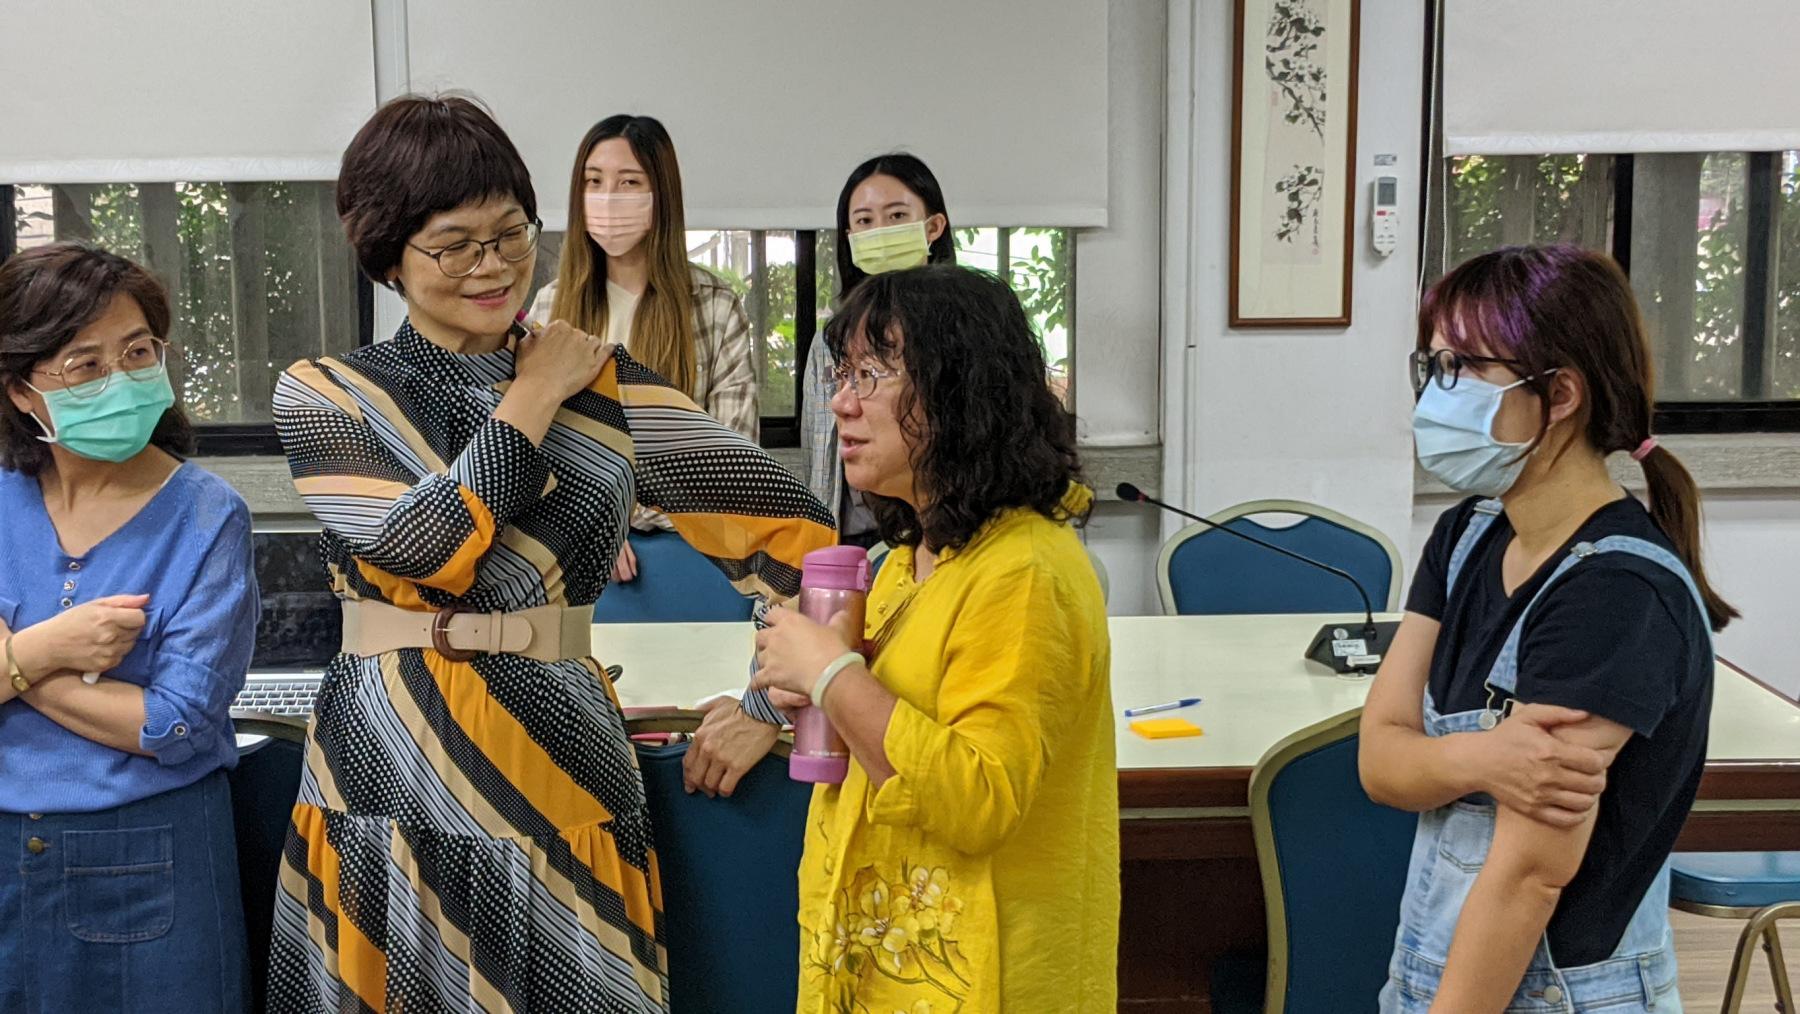 教育部高中優質化計畫輔助方案團隊鄭敬儀主任亦全程參與並協助引導。